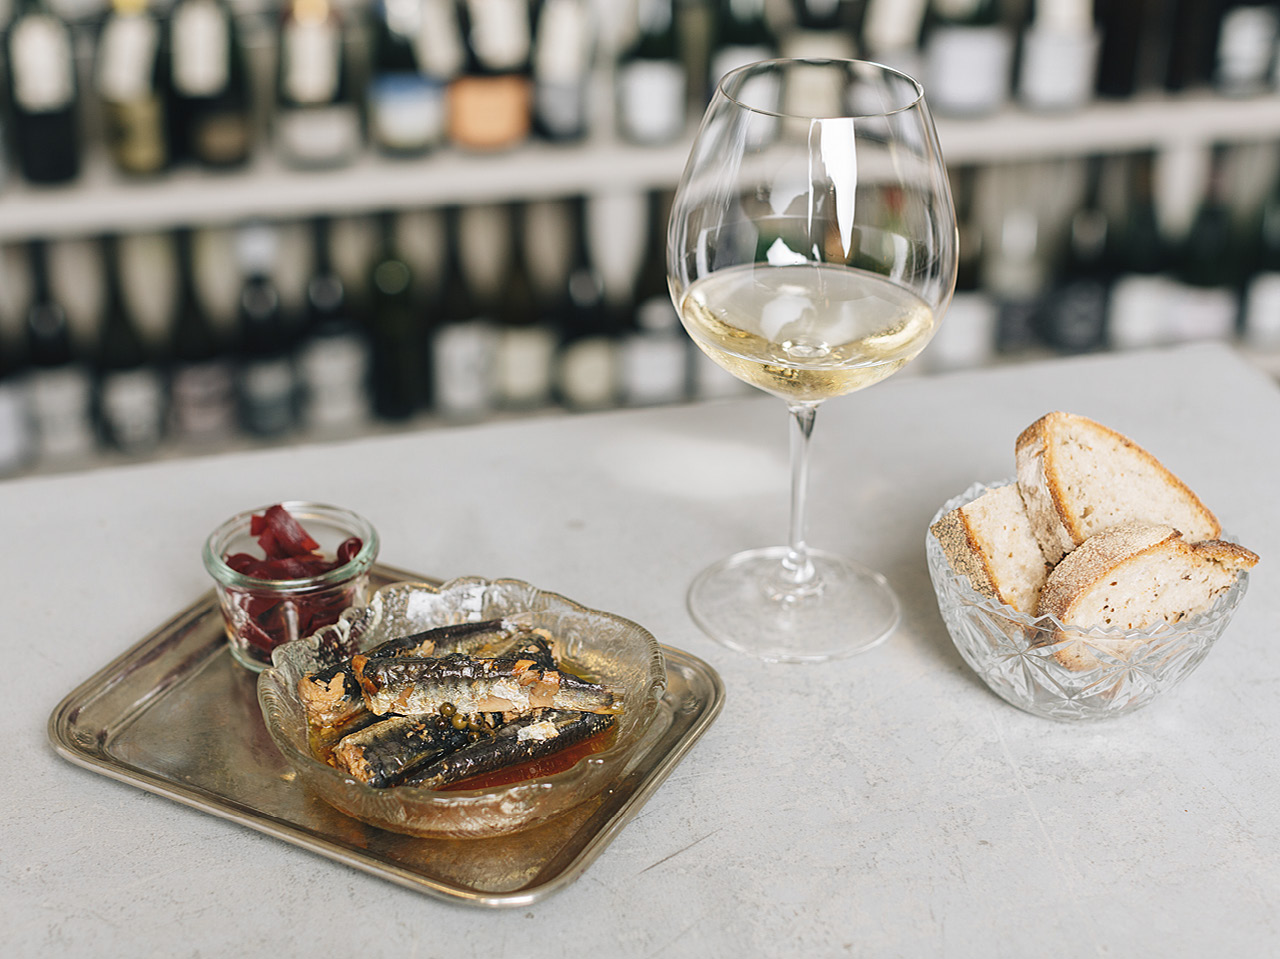 Sardinky Rödel se zeleným pepřem, fermentovaná červená řepa, chleba 66 z Esky